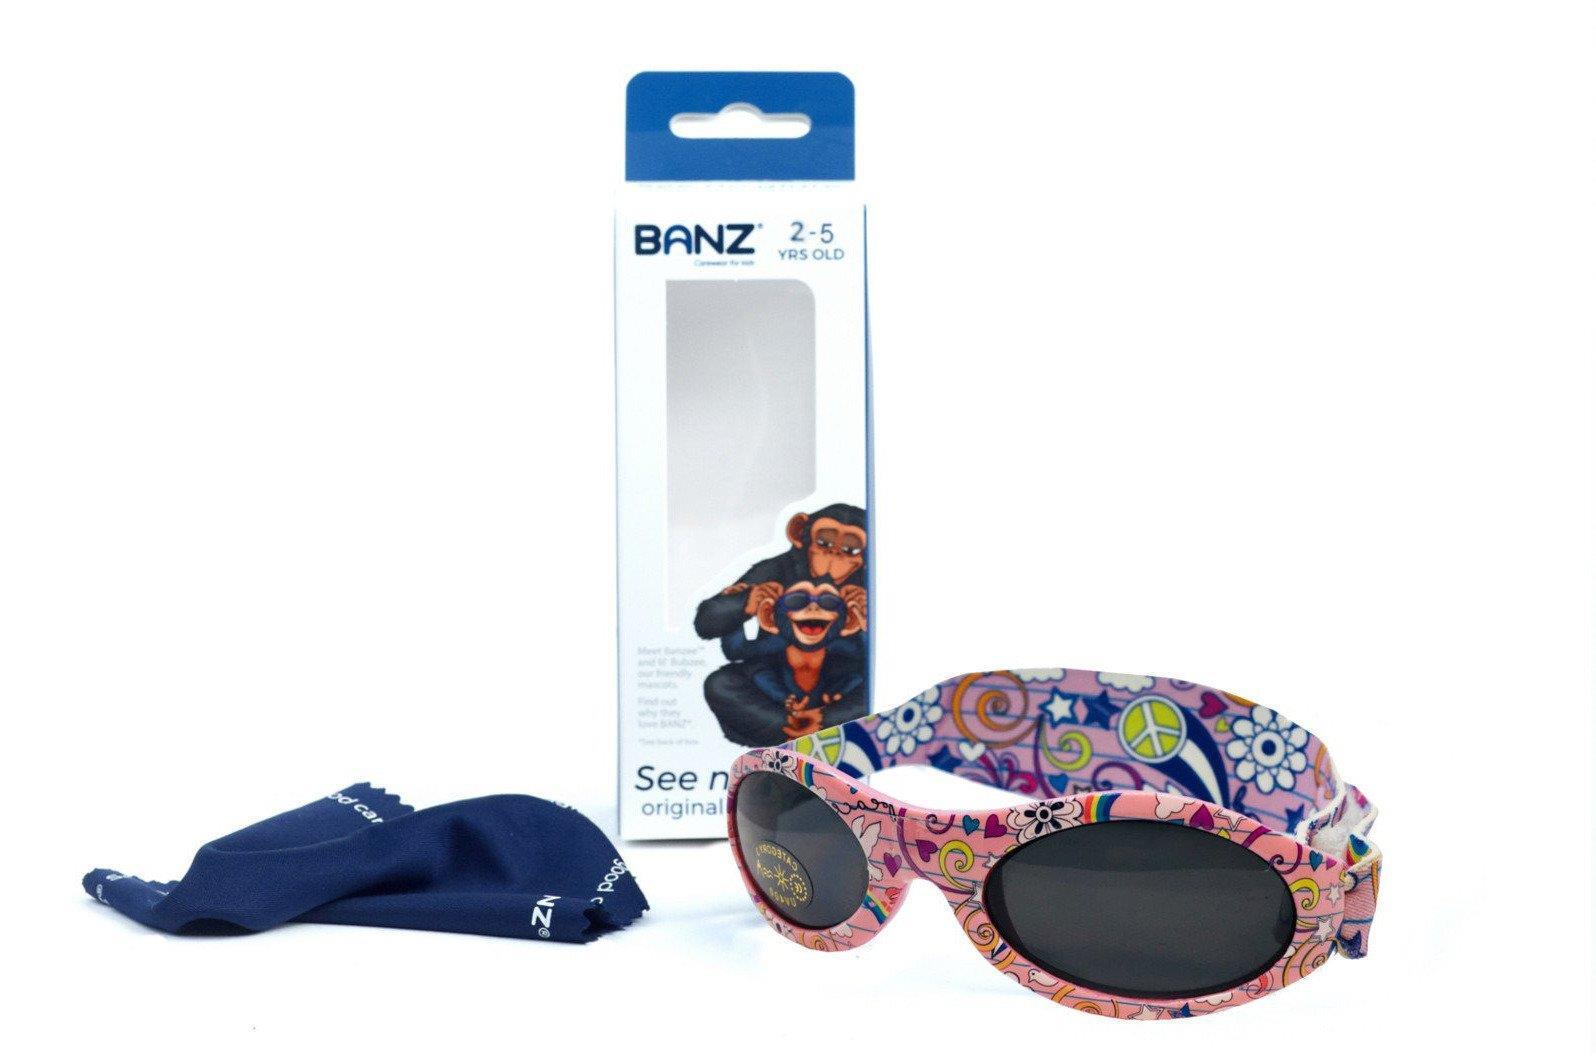 48d8fe3f104788 Okulary przeciwsłoneczne dzieci 2-5lat UV400 BANZ Kliknij, aby powiększyć  ...